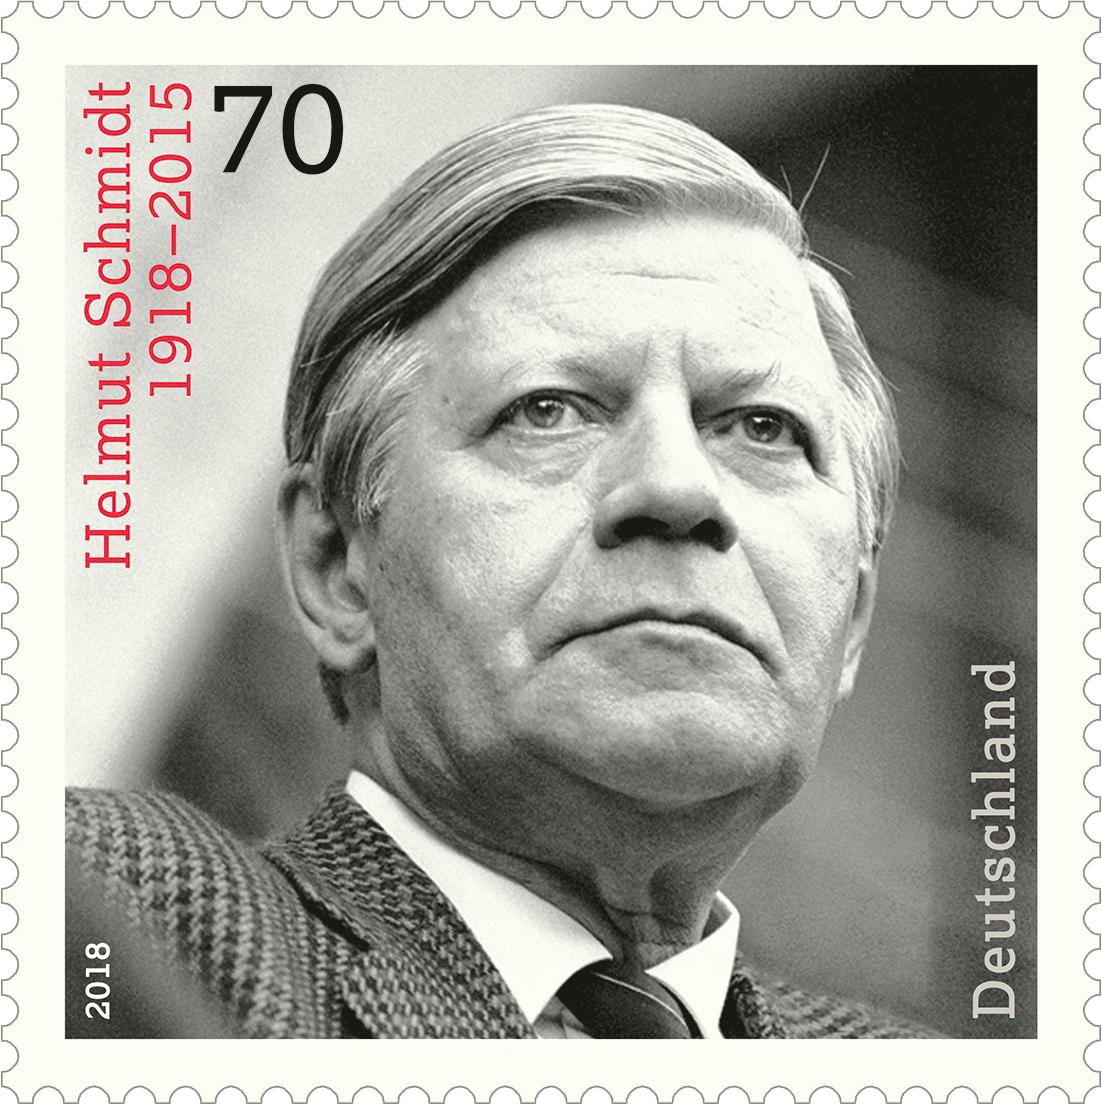 https://www.borek.de/briefmarke-100-geburtstag-helmut-schmidt